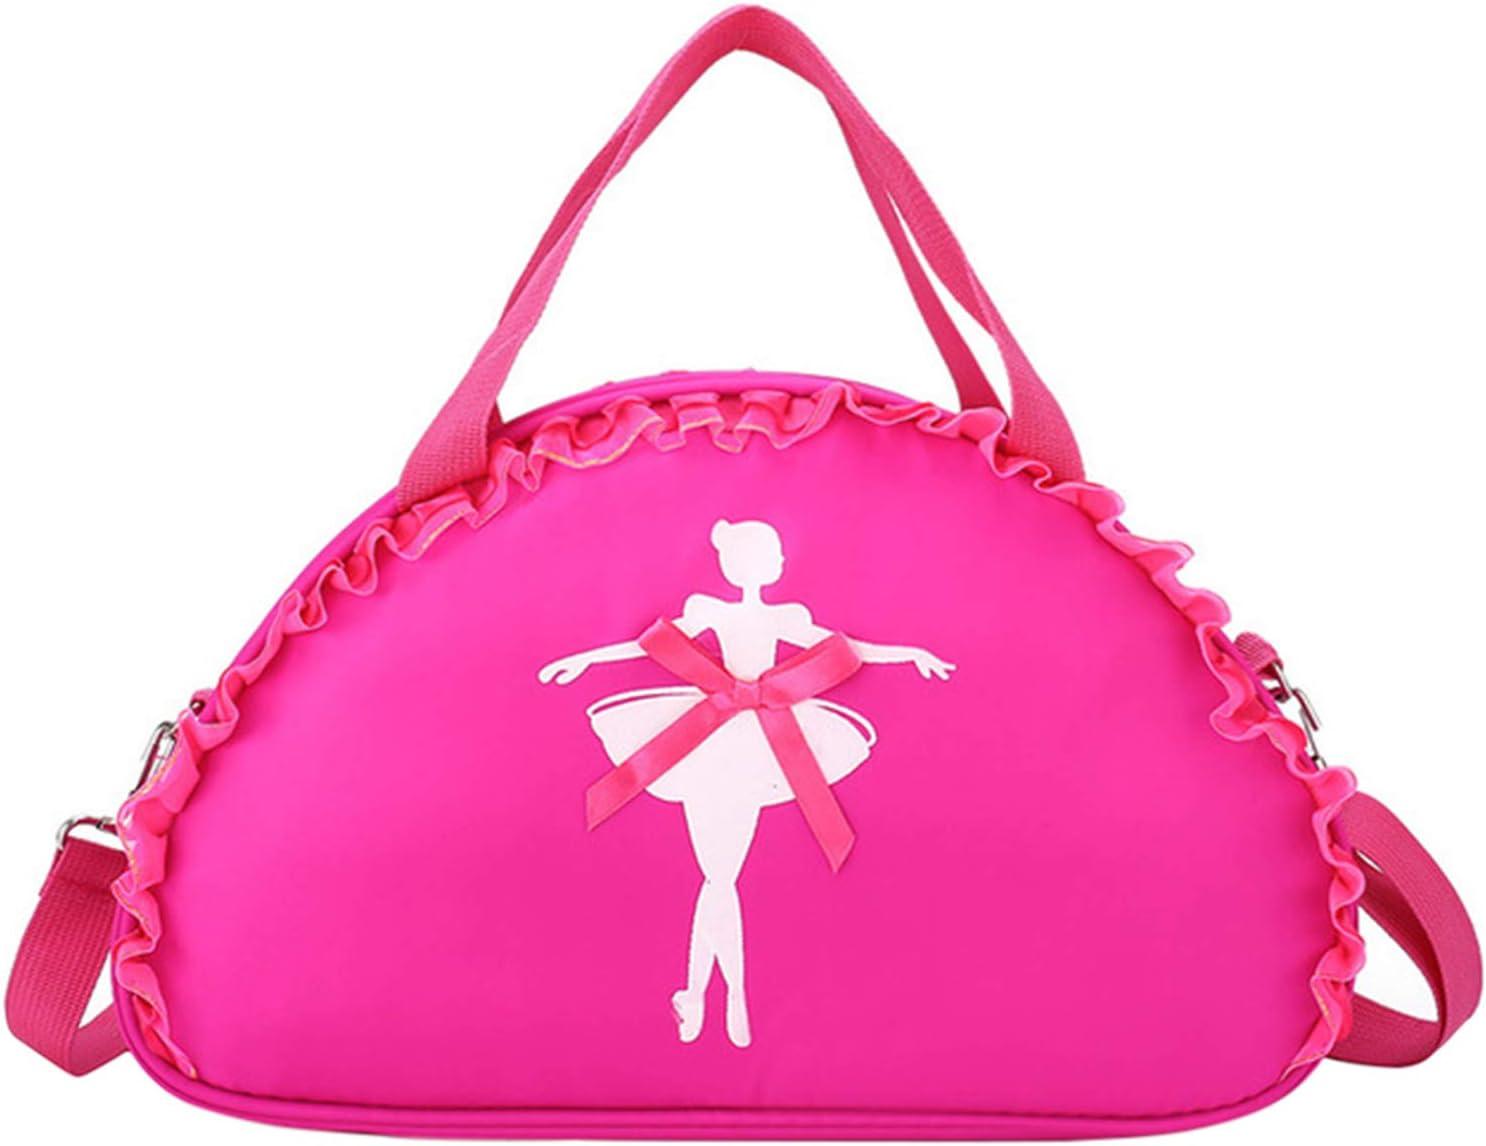 besbomig Bolsa de Ballet Danza Bolsa de Hombr de Nailon para Niña Bailarina Personalizada Bolsa de Deporte Gimnasio Viaje Escuela Bag con Encaje Bowknot, Rosa Roja